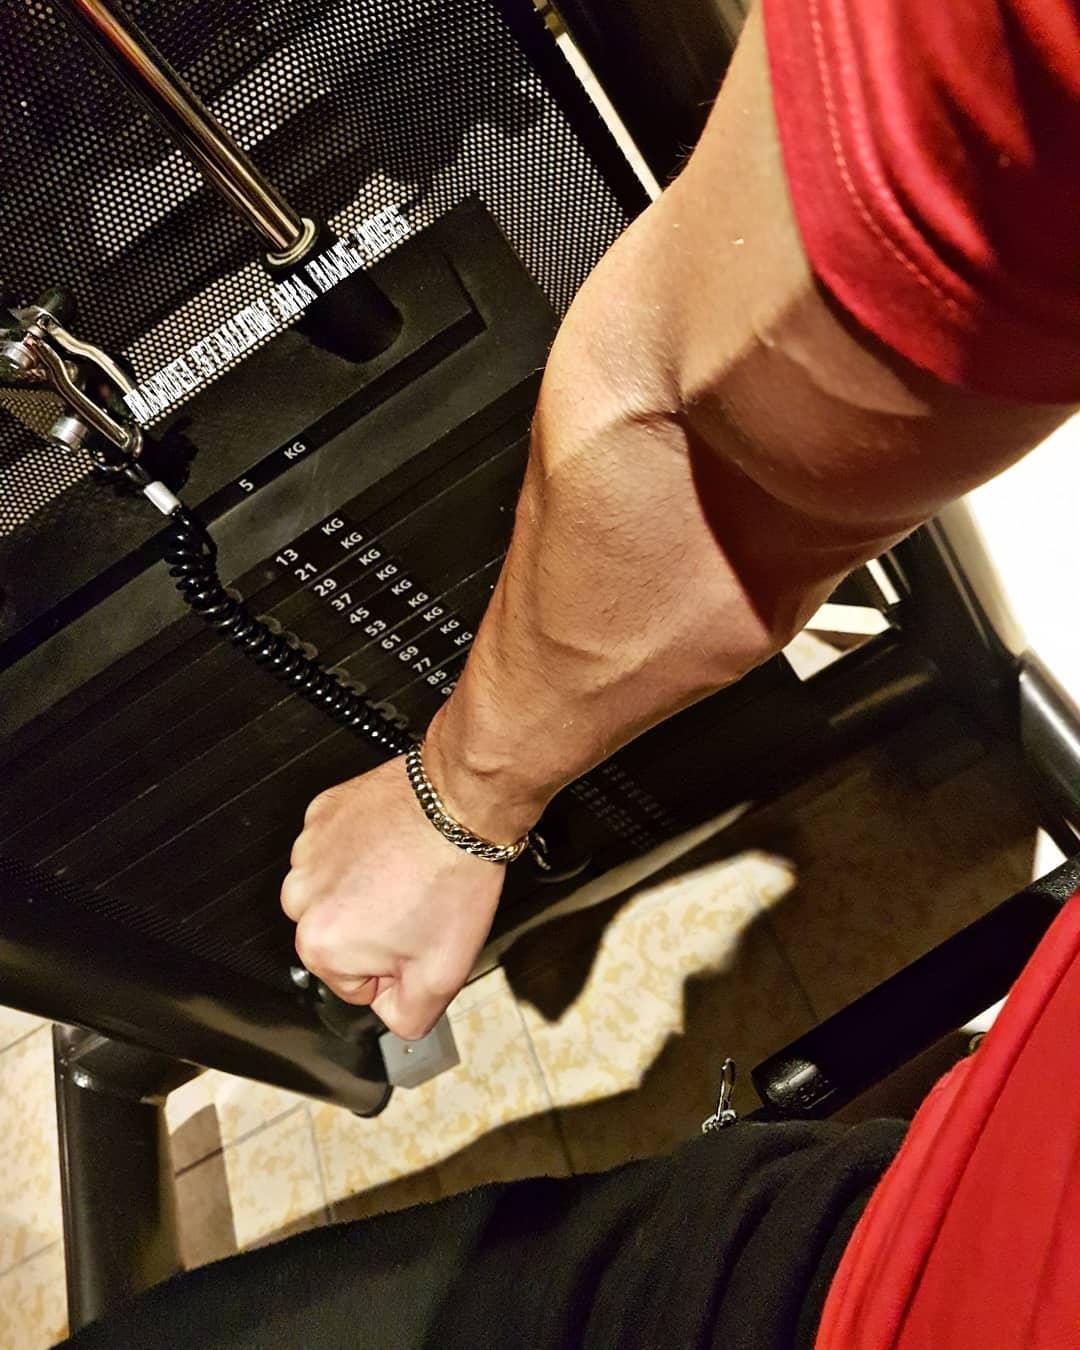 Das neue Jahr beginnt natürlich mit rambomässigem Training! Ziel ist, bis Mitte Februar 2-4kg bosscockharte Muskeln aufzubauen und das Shirt zum Platzen zu bringen. Los geht's…💪🏻😠 . #fitness #fit #fitfam #bodybuilding #selfie #me #mcfit #mcfitberlin #johnreed #johnreedberlin #berlin #wedding #motivation #workout #schultern #arme #ironarms #sport #lifestyle #body #muskeln #pump #pumped #german #gym #nopainnogain #fitnessmotivation #potd #followme